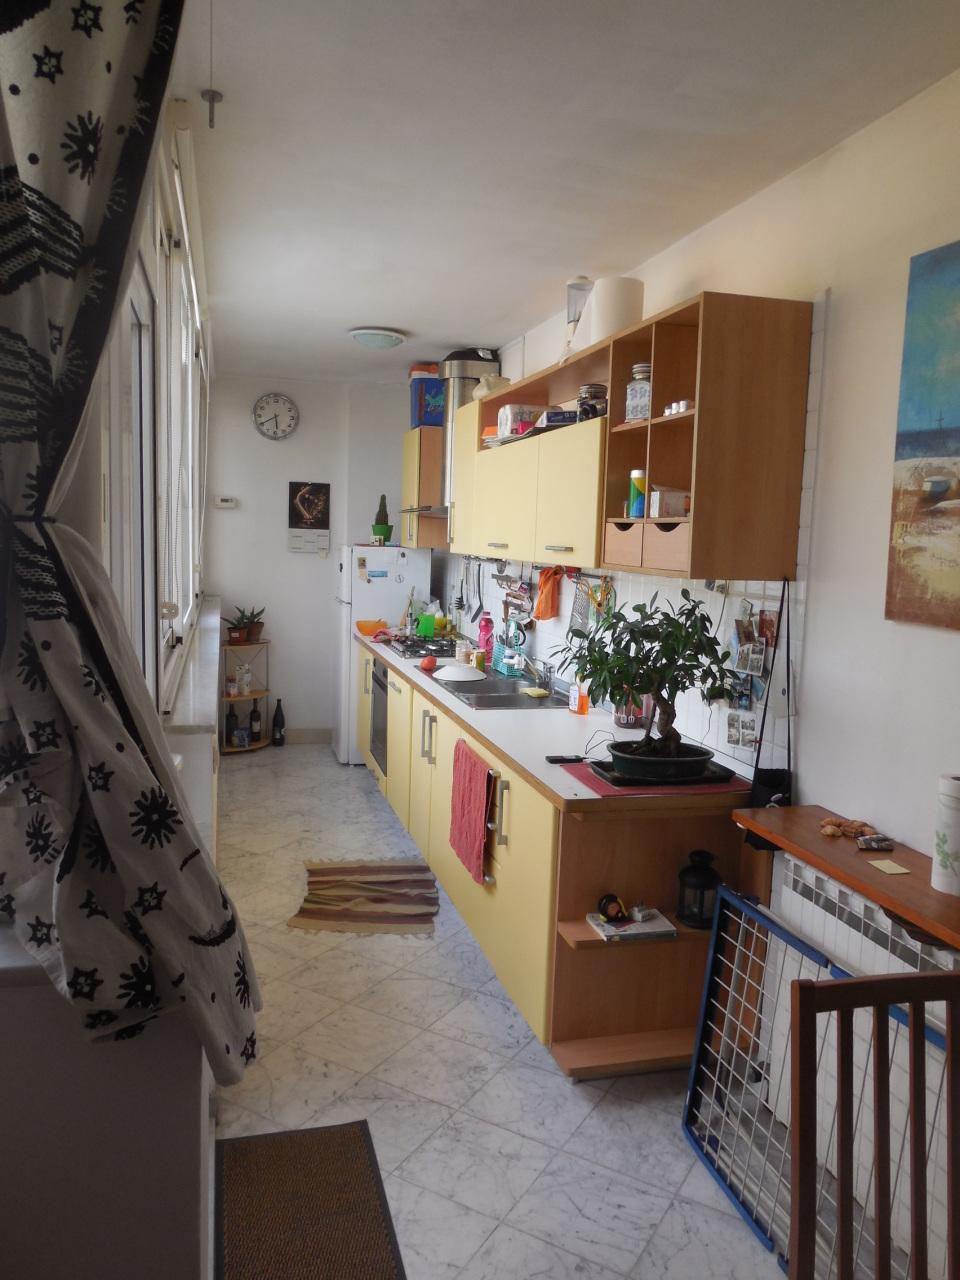 Attico / Mansarda in vendita a Castelnuovo Magra, 3 locali, prezzo € 85.000 | PortaleAgenzieImmobiliari.it